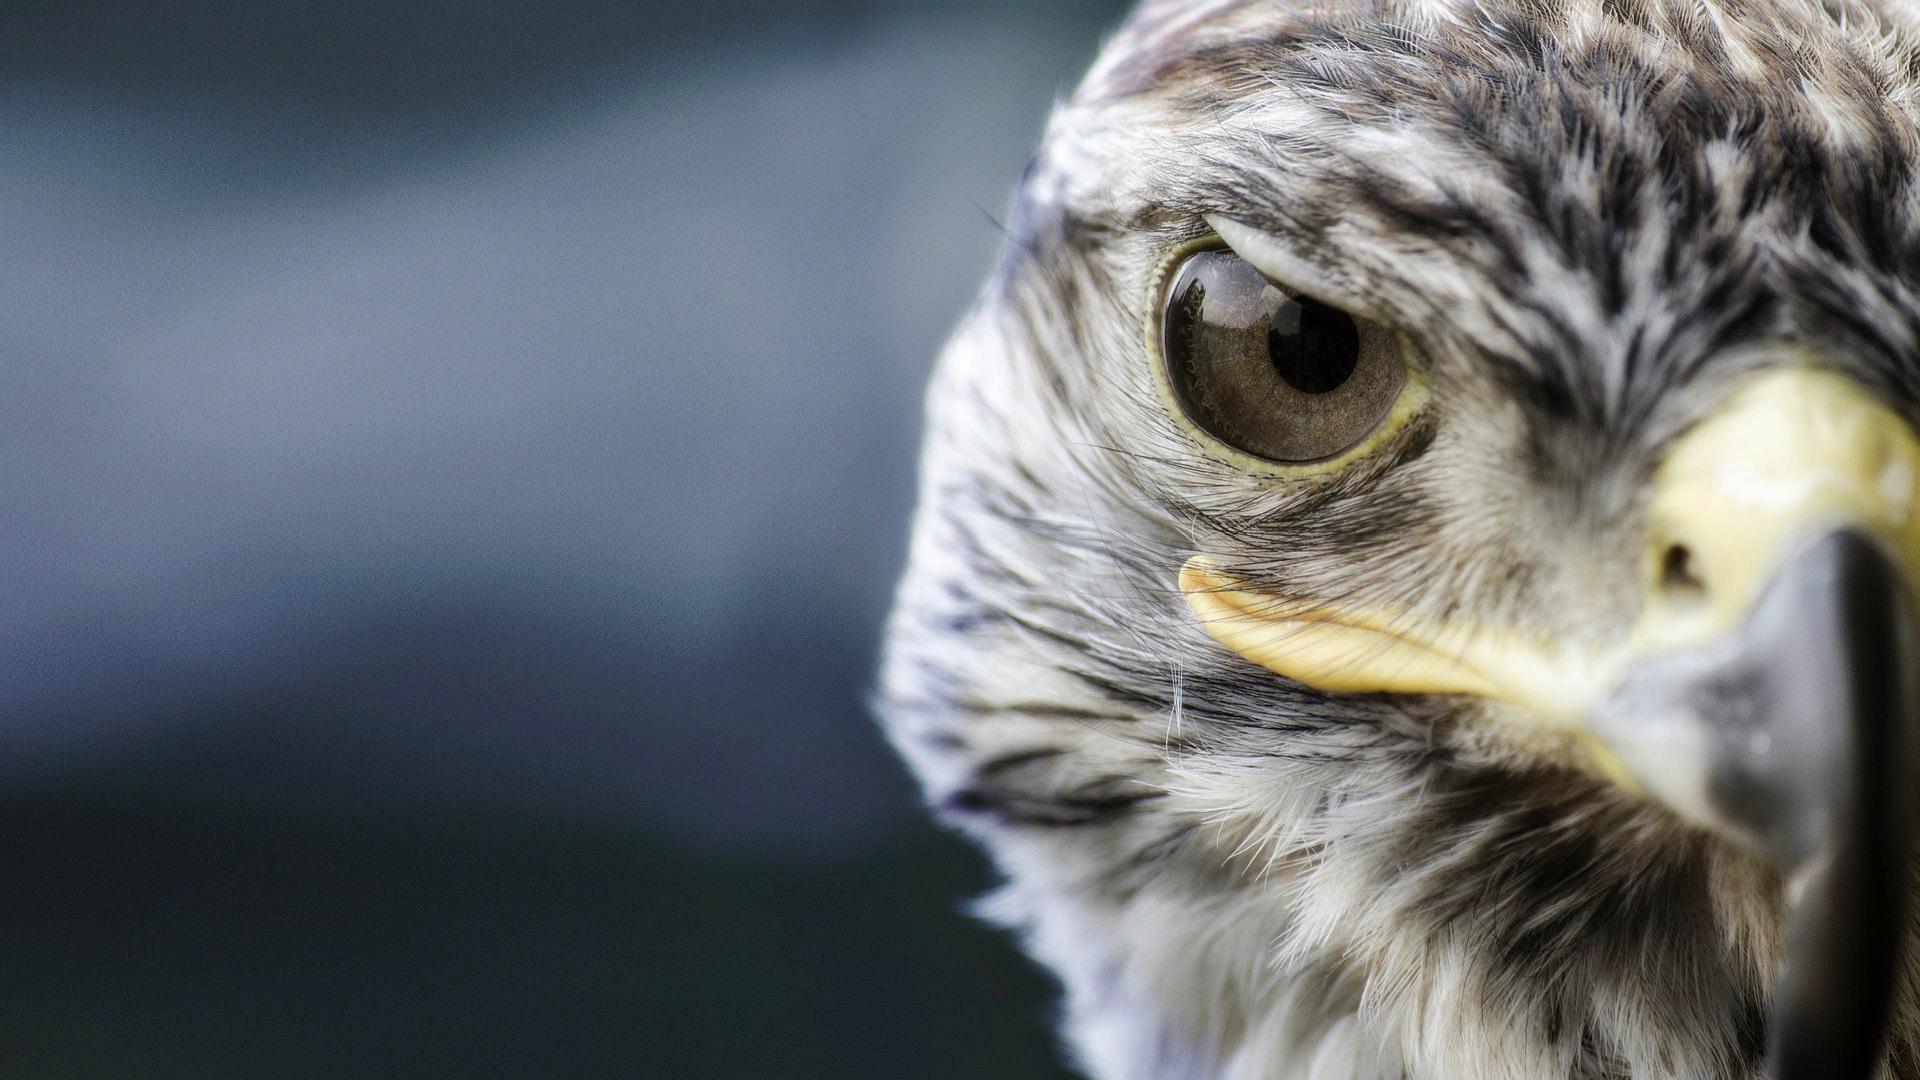 природа животные птица сокол nature animals bird Falcon  № 2993157 загрузить